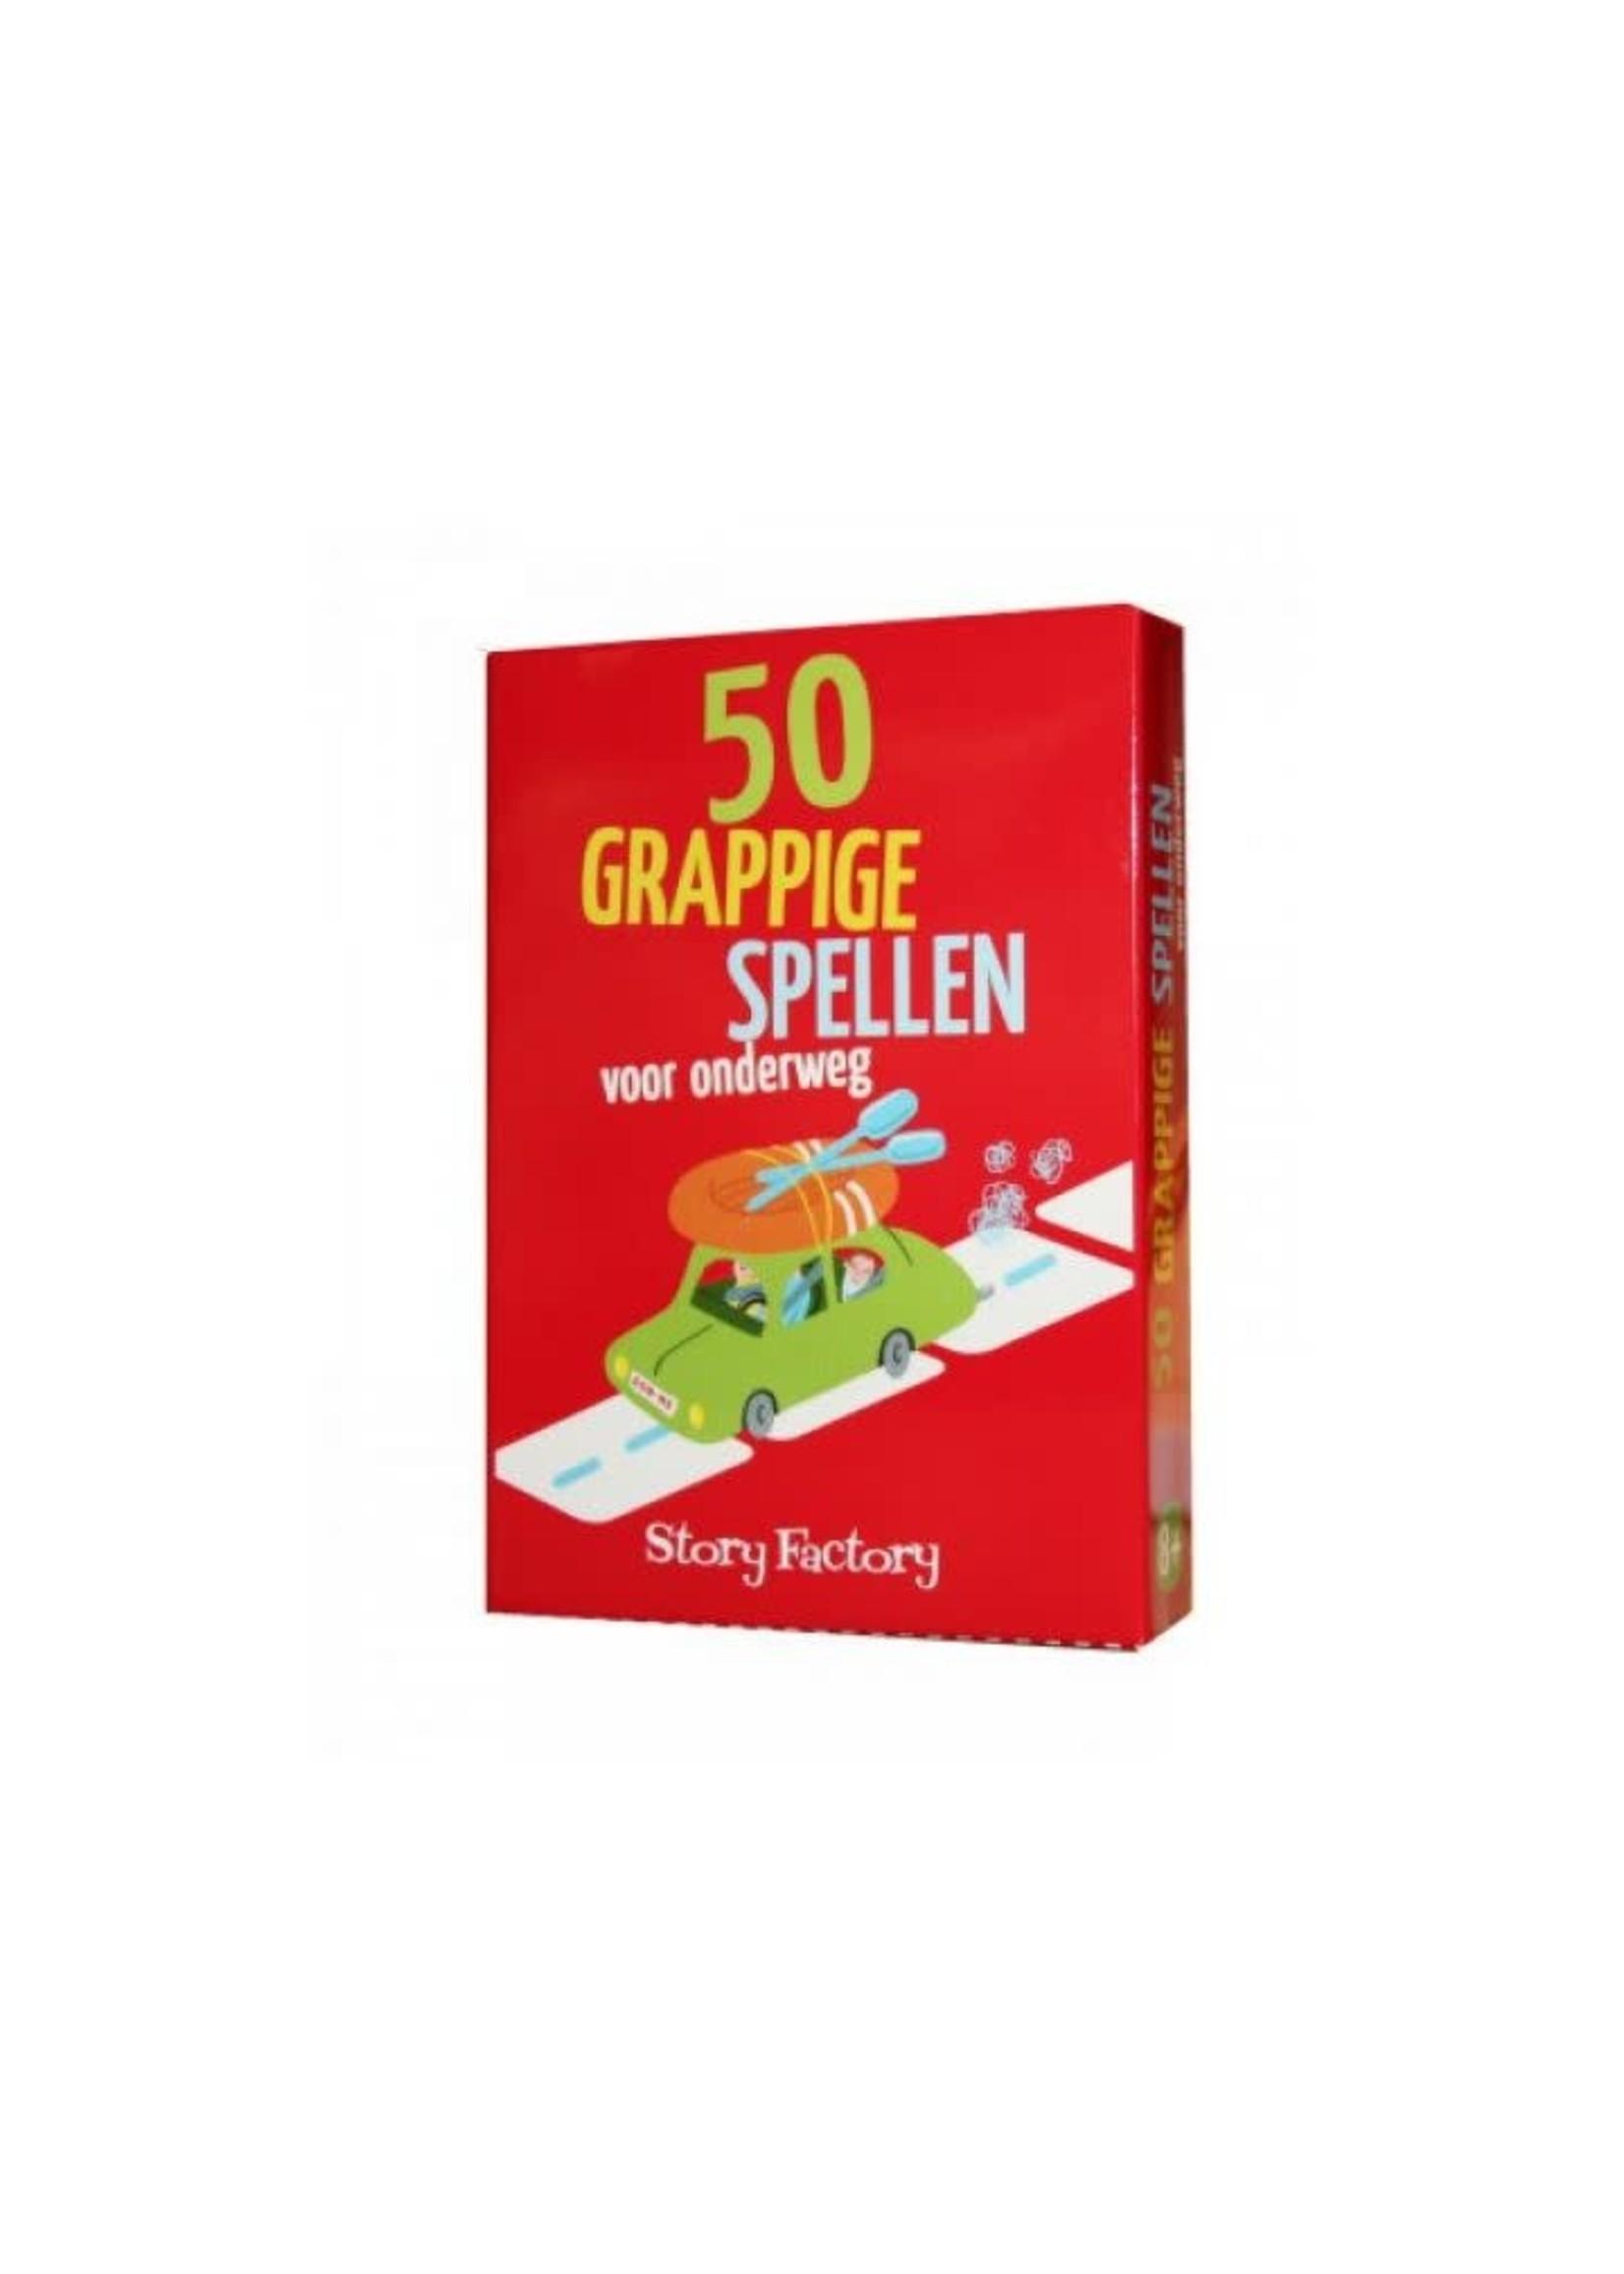 50 Grappige Spellen